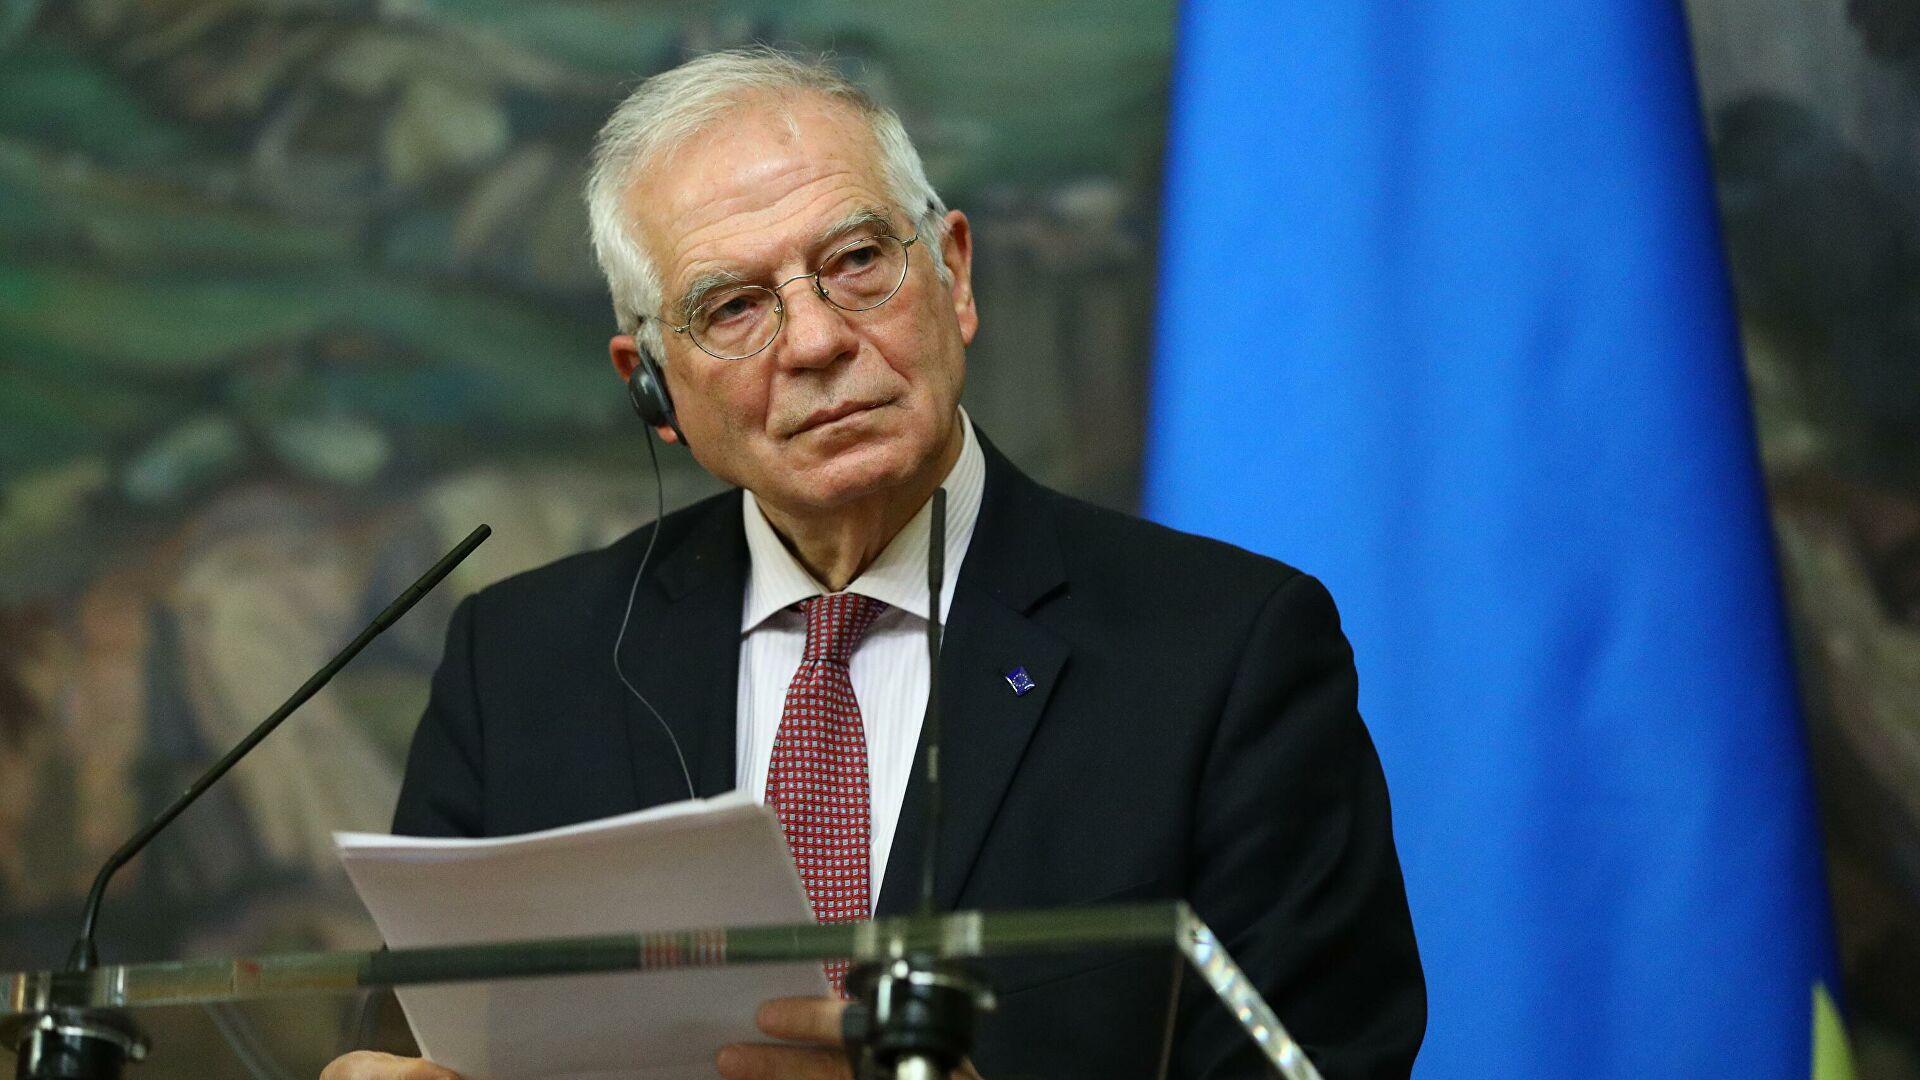 Борељ: Русија и Кина се представаљају као да је њима више стало до Западног Балкана него ЕУ